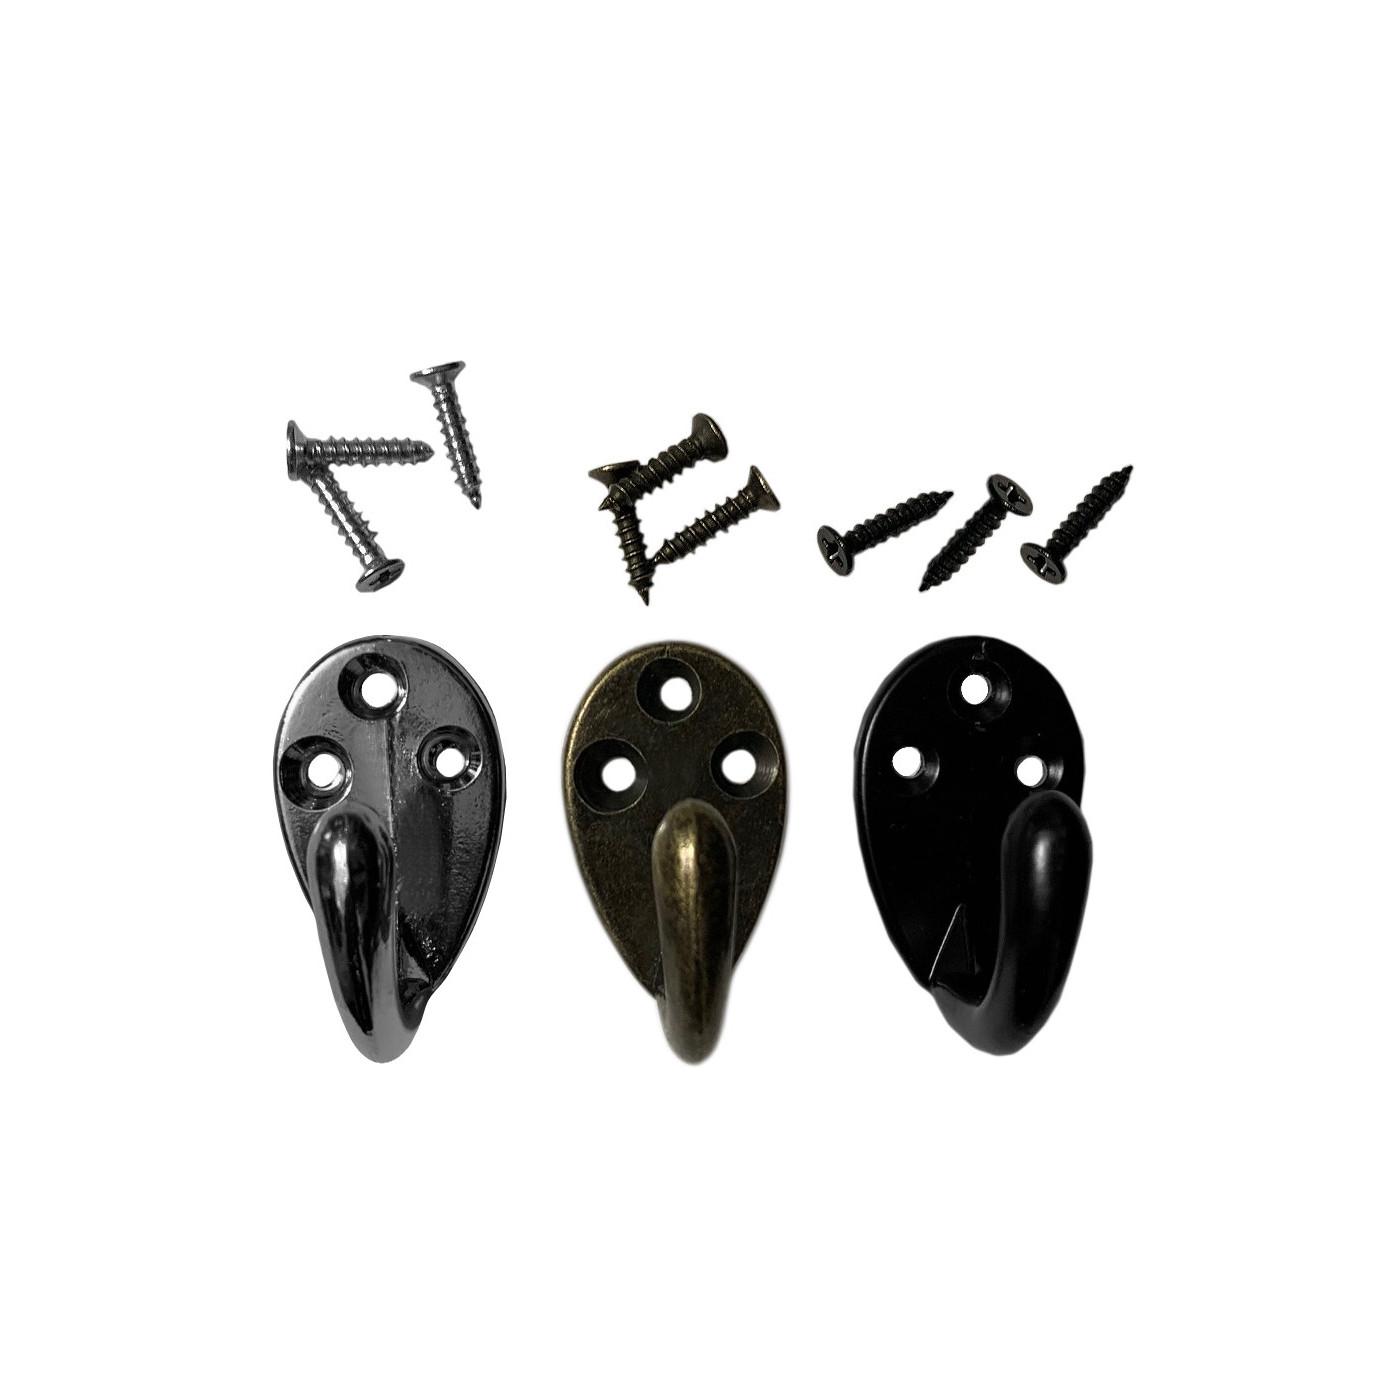 Set van 10 metalen kledinghaakjes, hangers (kleur: zwart)